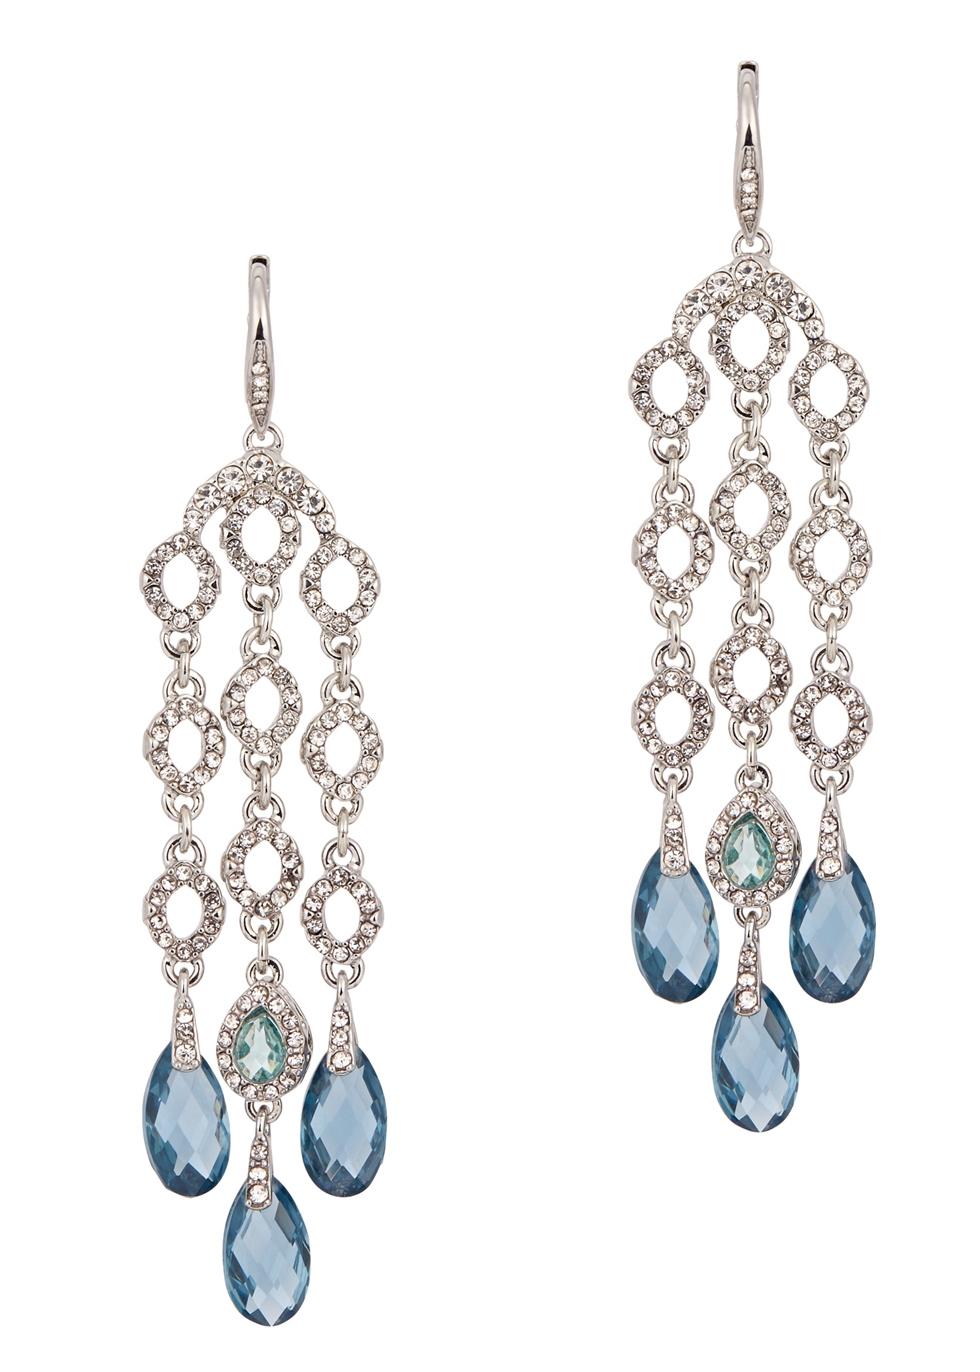 JENNY PACKHAM BLUE SKIES CHANDELIER EARRINGS